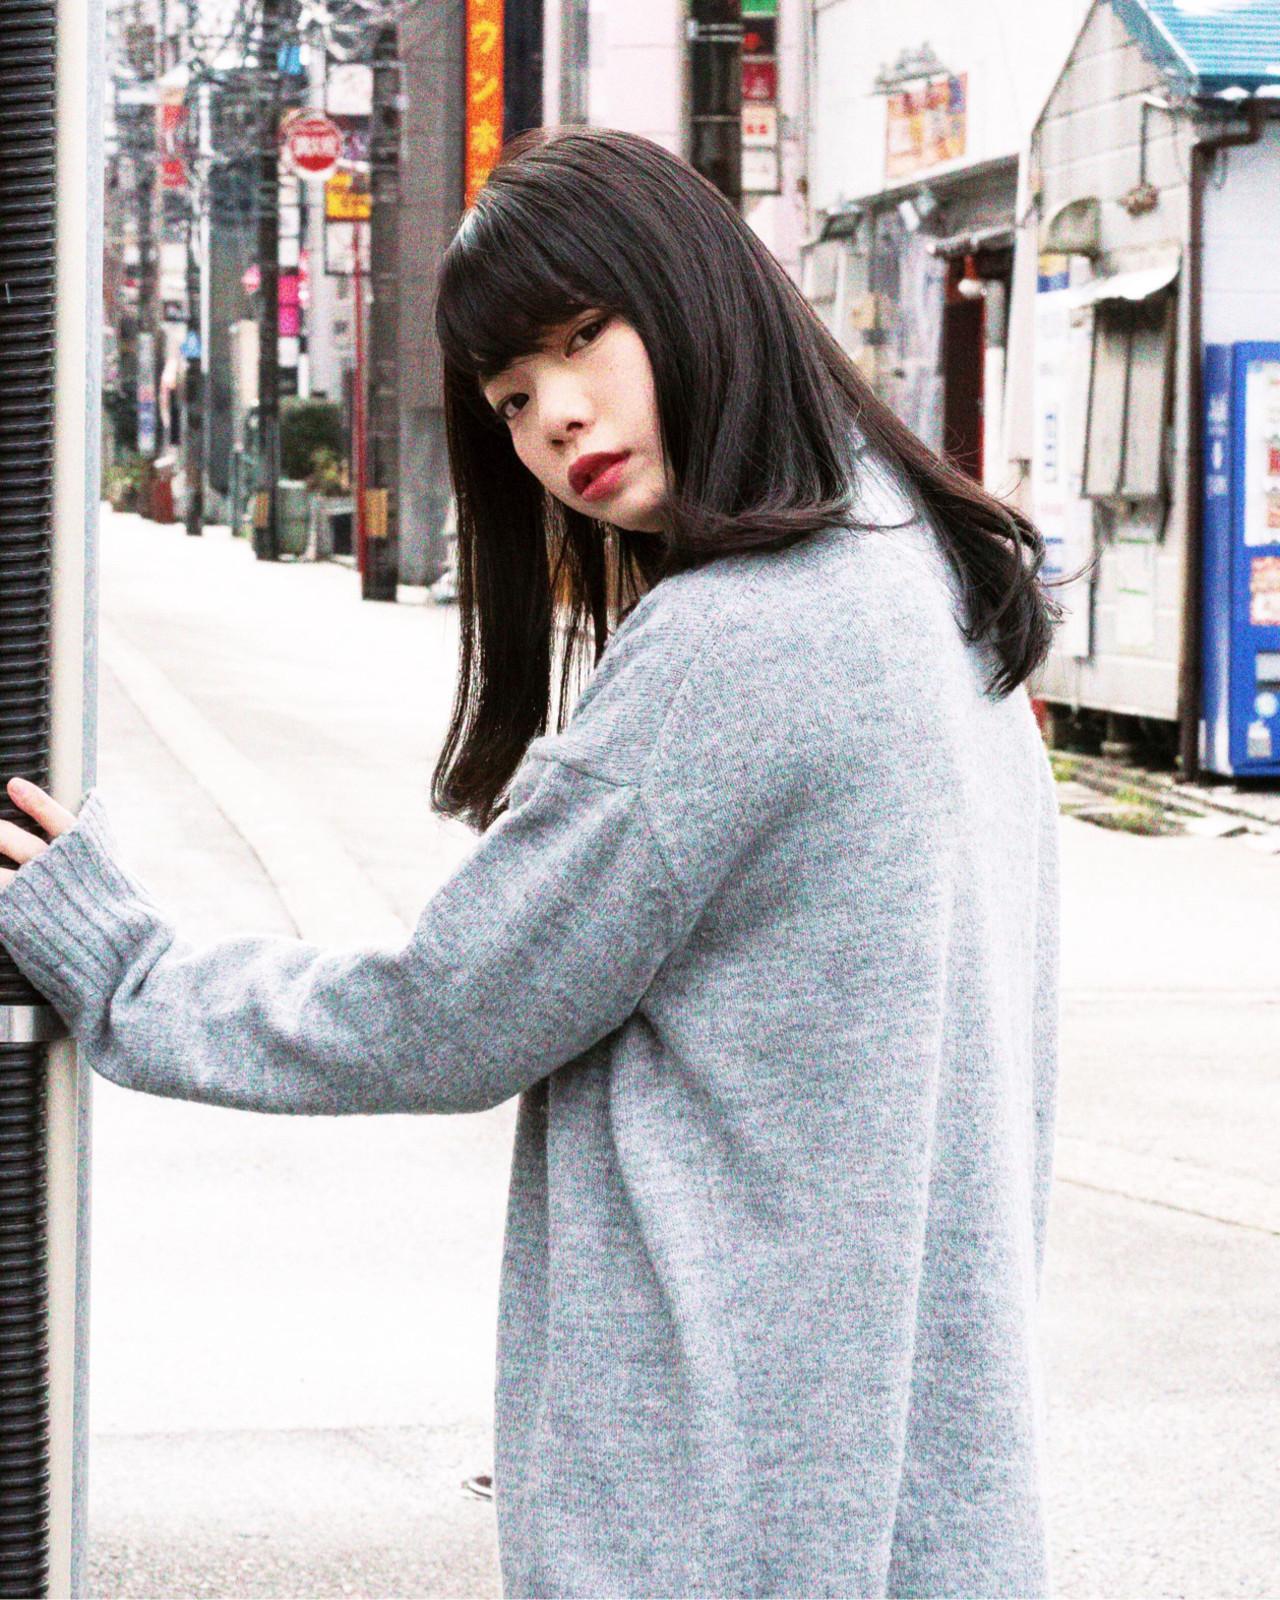 モードにキメて☆厚め前髪の黒髪ストレートロング shohei nishimori